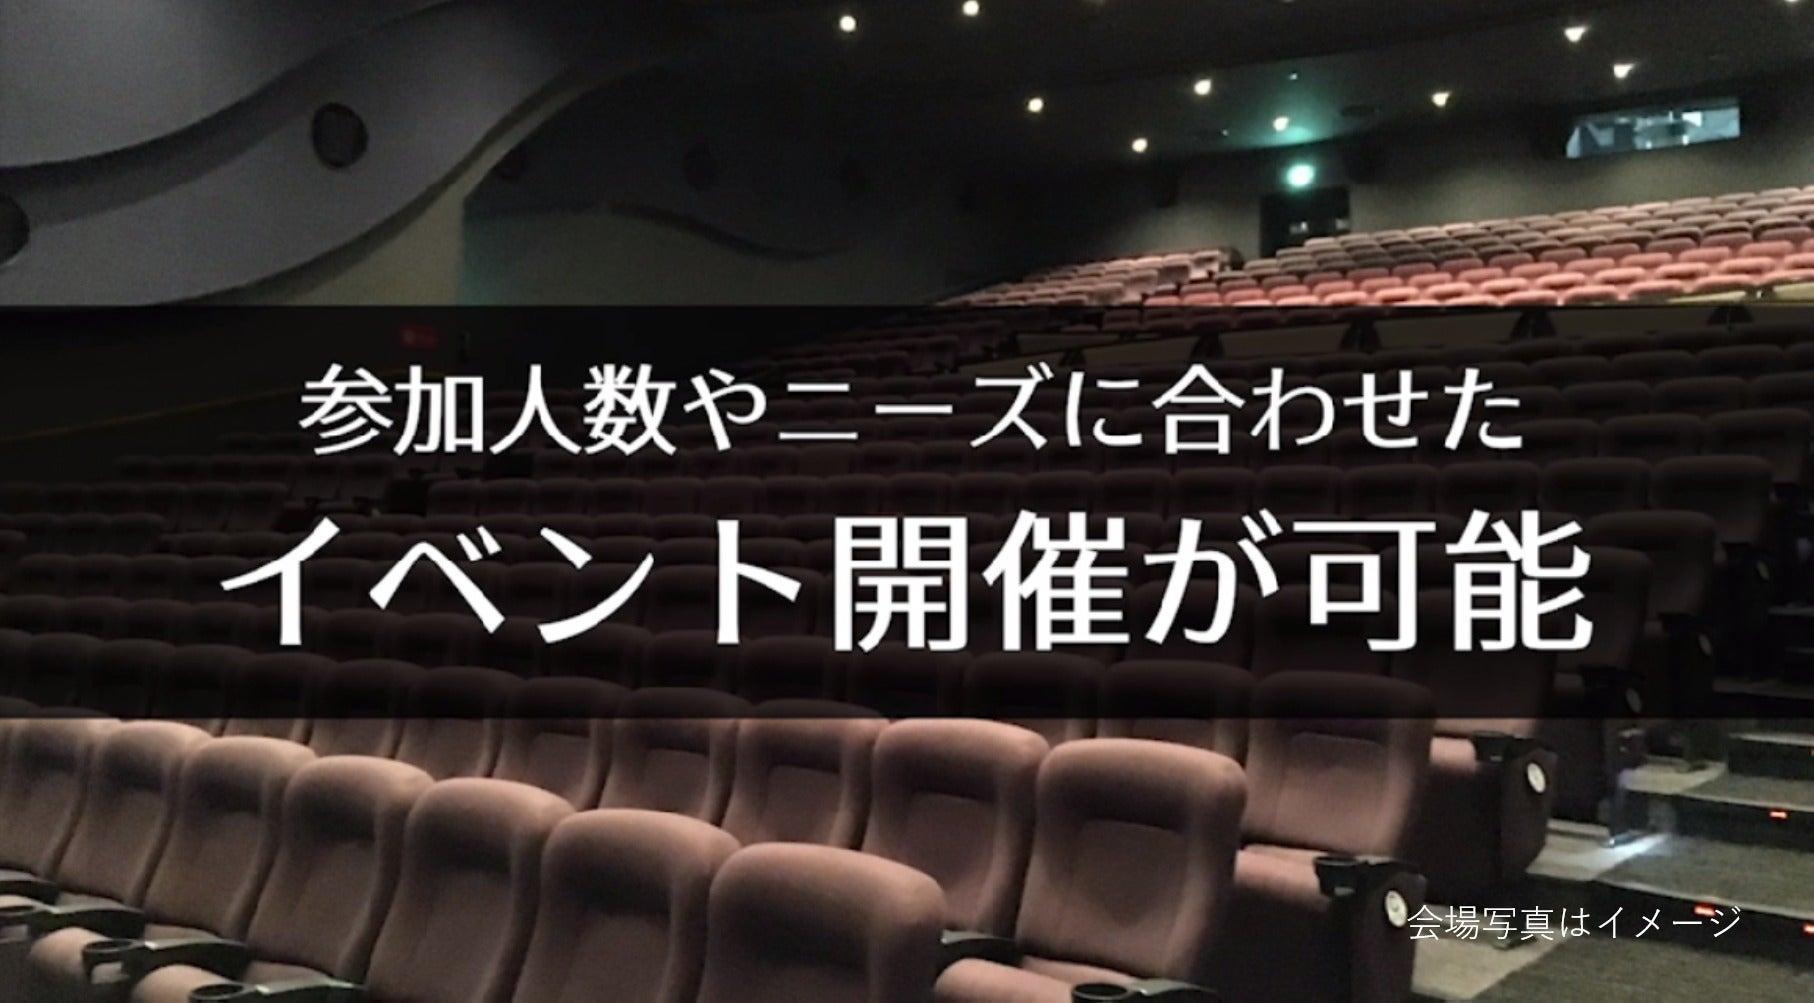 【橿原 150席】映画館で、会社説明会、株主総会、講演会の企画はいかがですか?